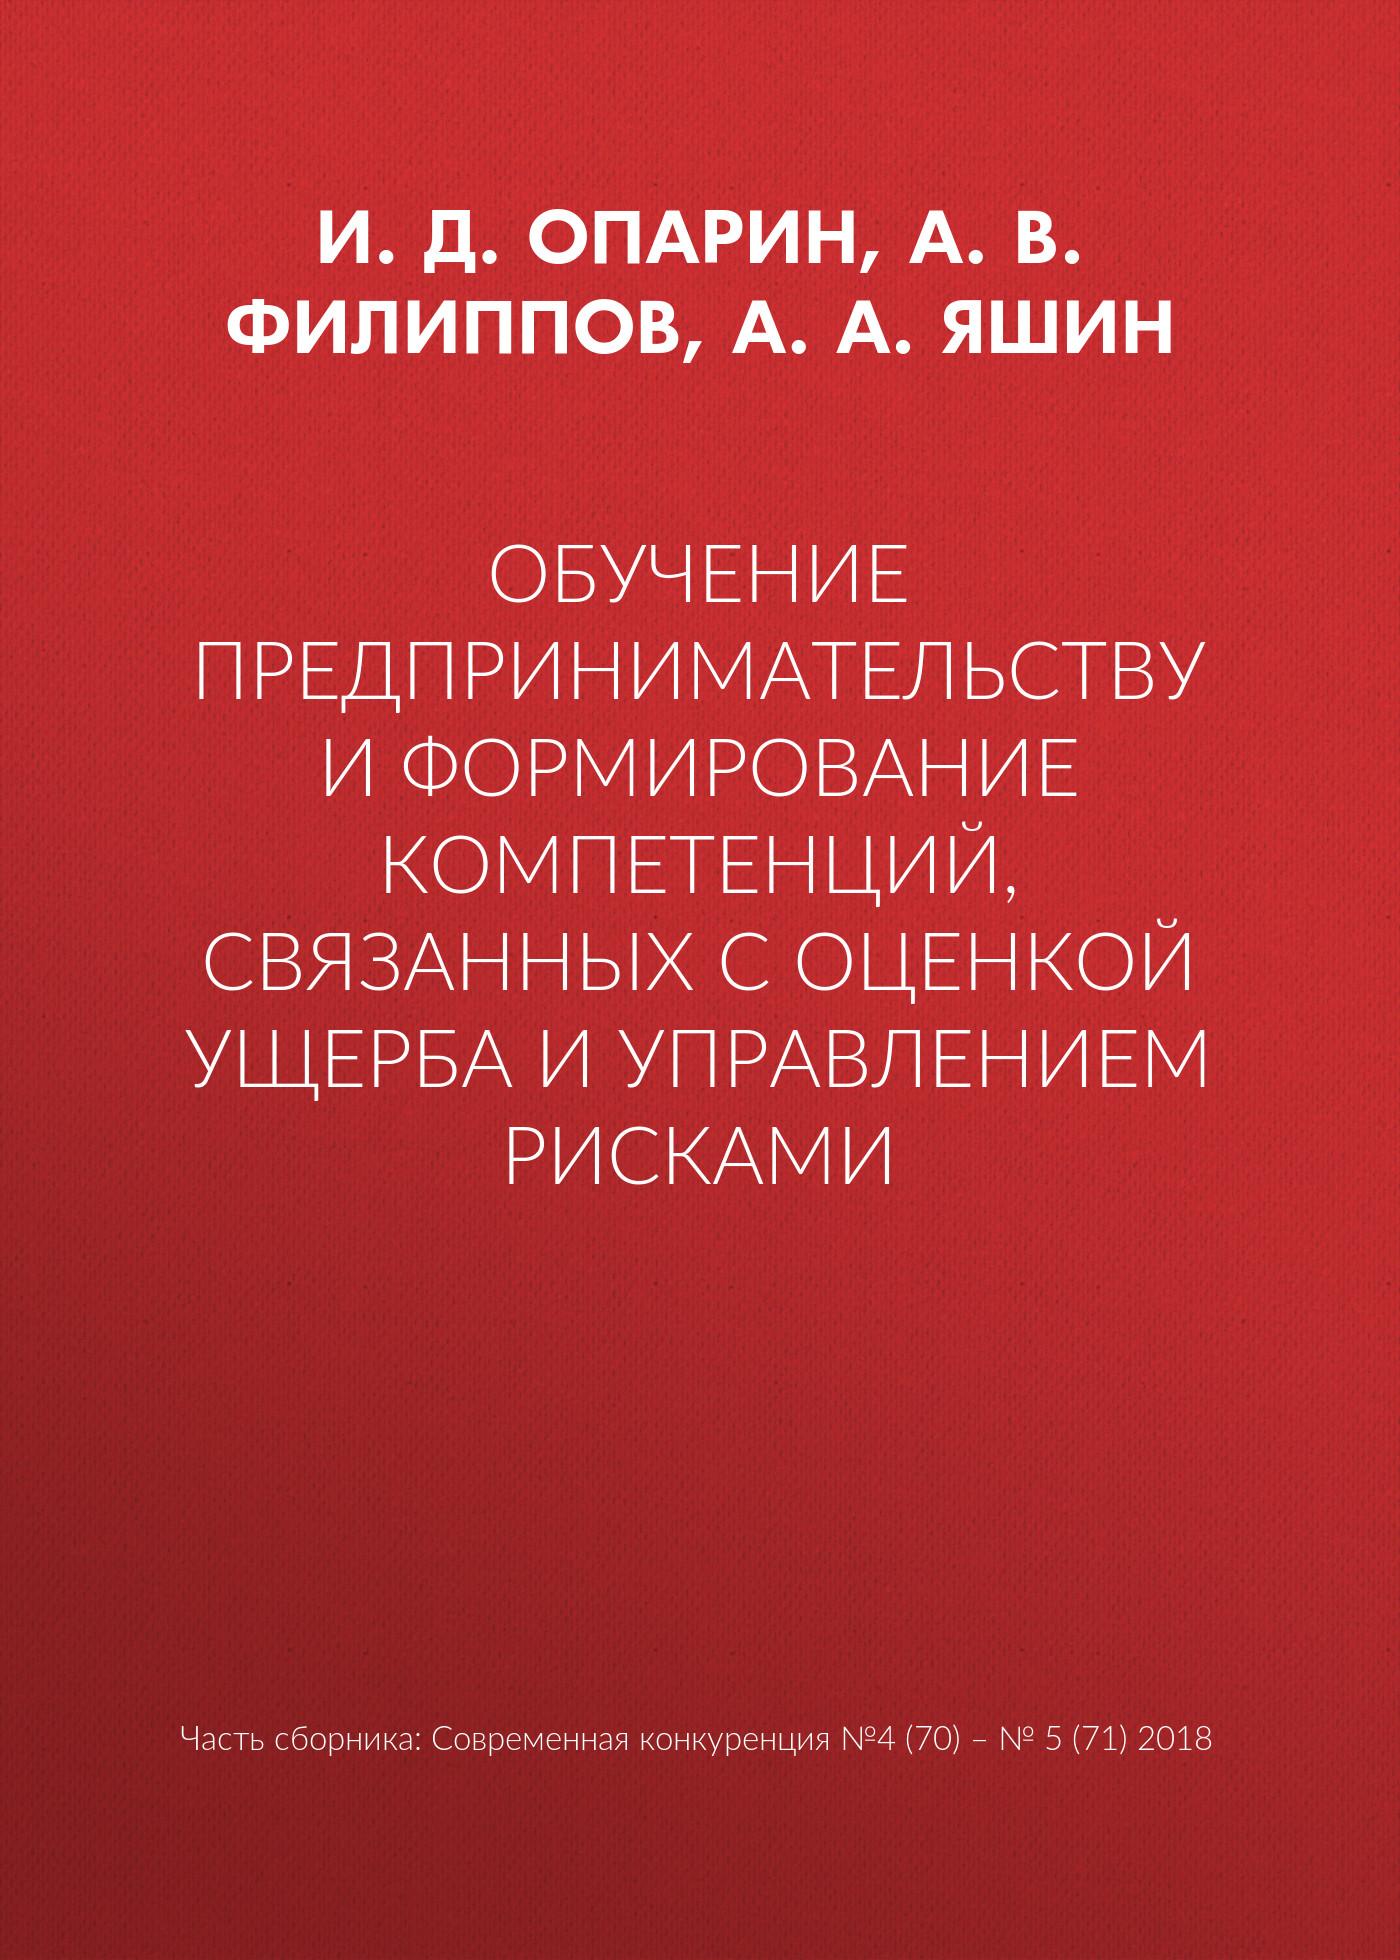 А. В. Филиппов Обучение предпринимательству и формирование компетенций, связанных с оценкой ущерба и управлением рисками